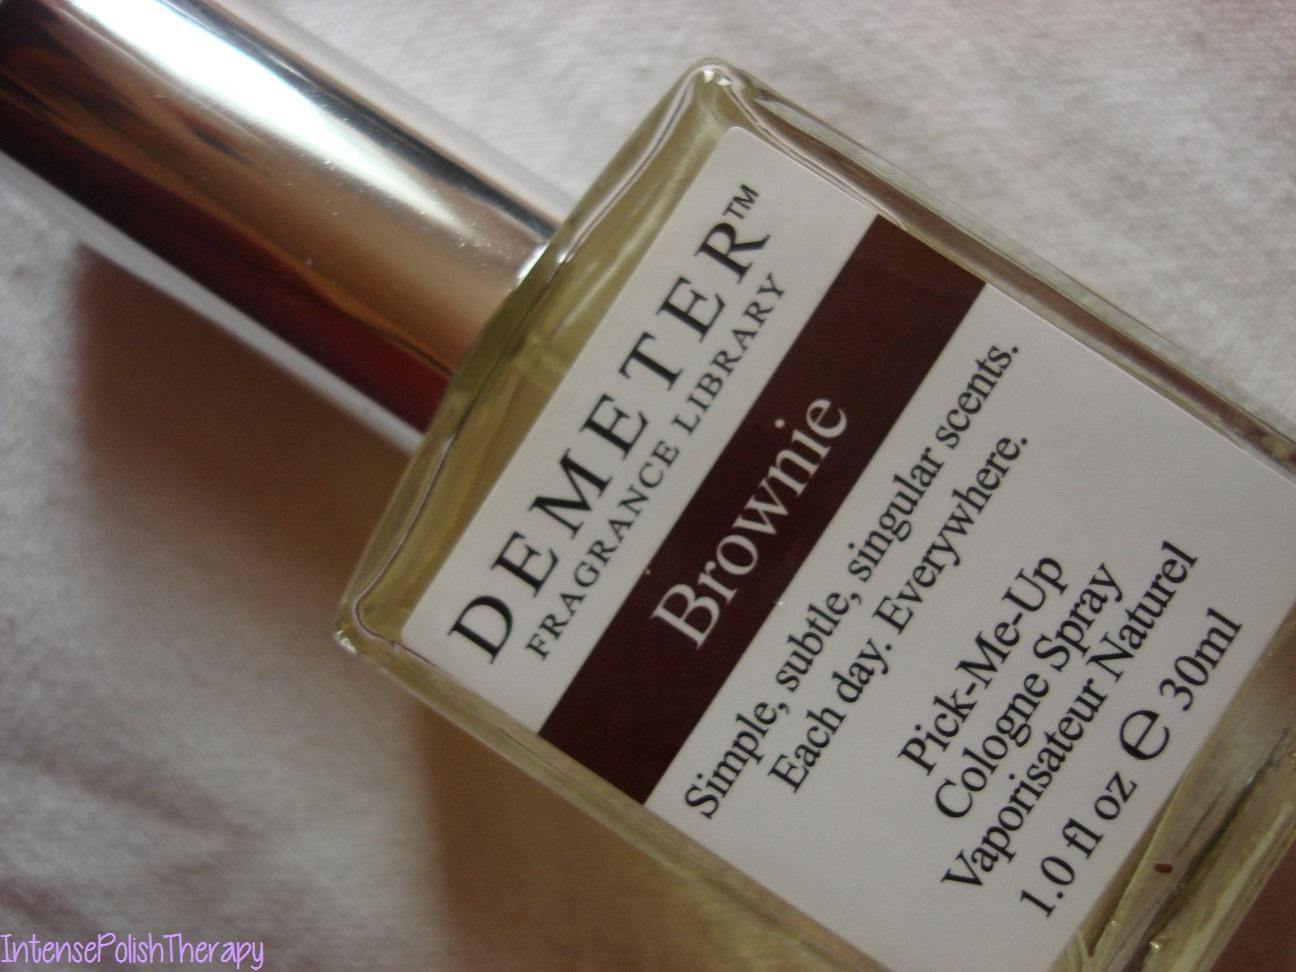 Demeter Fragrance Library - Brownie